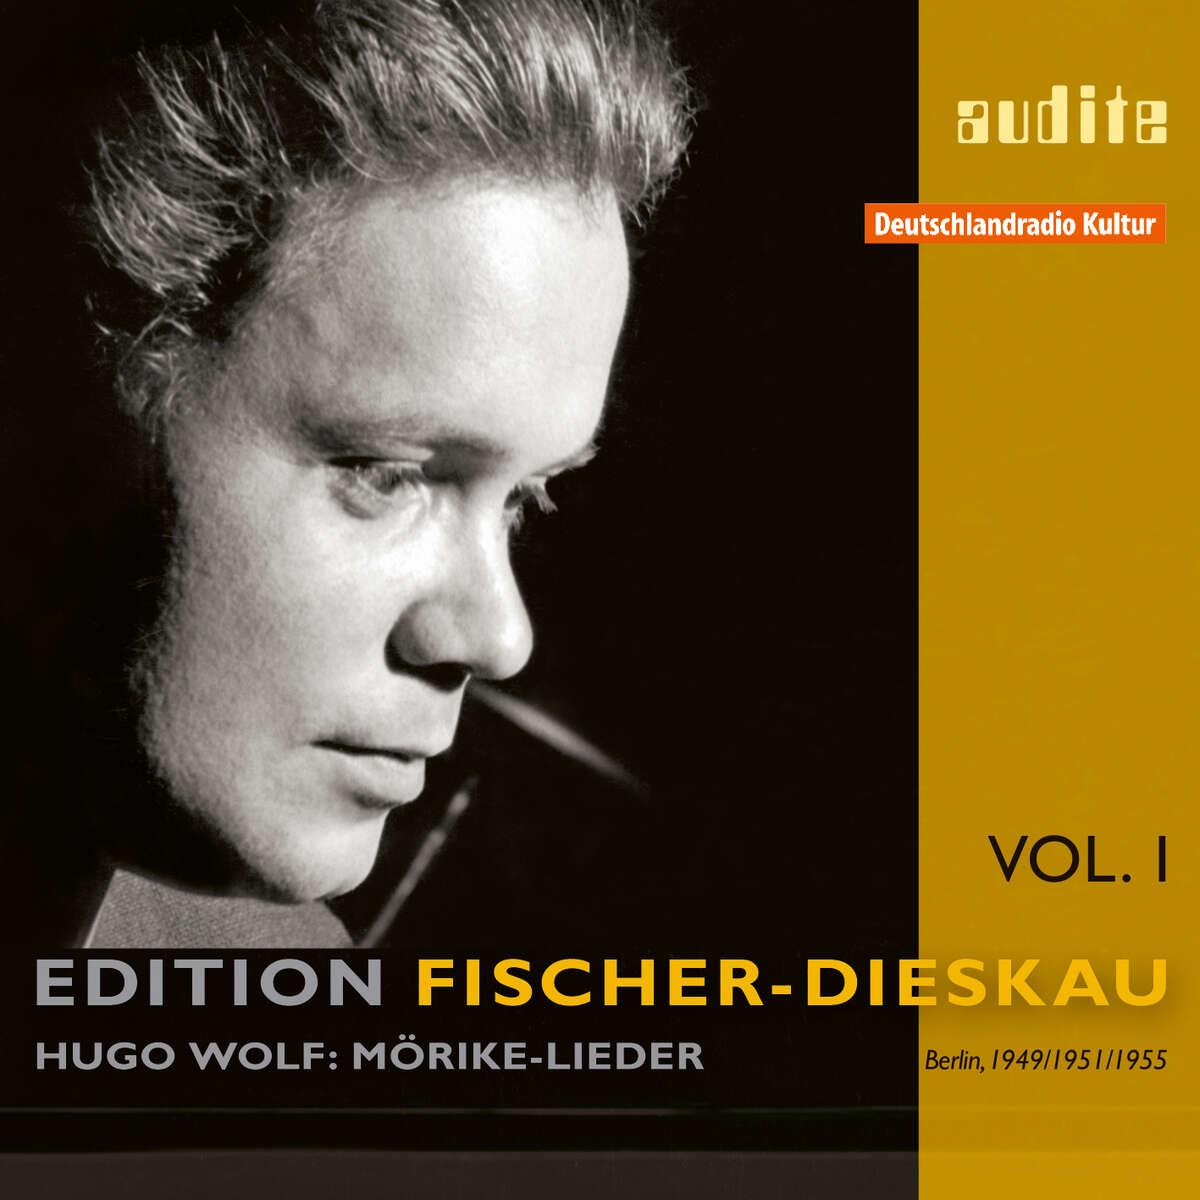 Edition Fischer-Dieskau (I) – H. Wolf: Mörike-Lieder